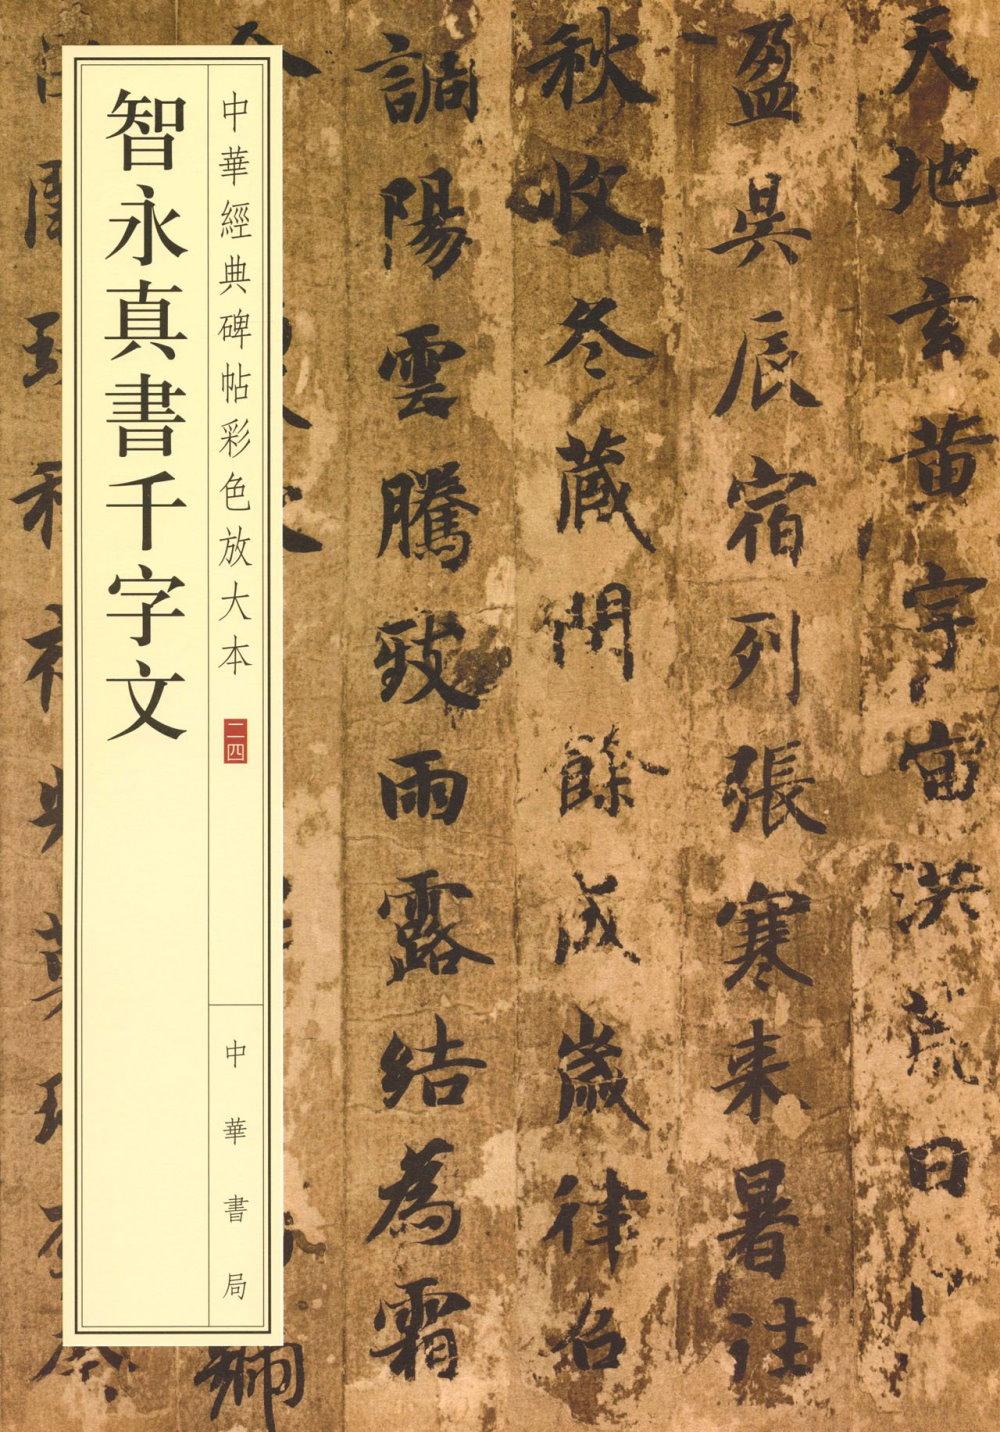 中華經典碑帖彩色放大本24:智永真書千字文